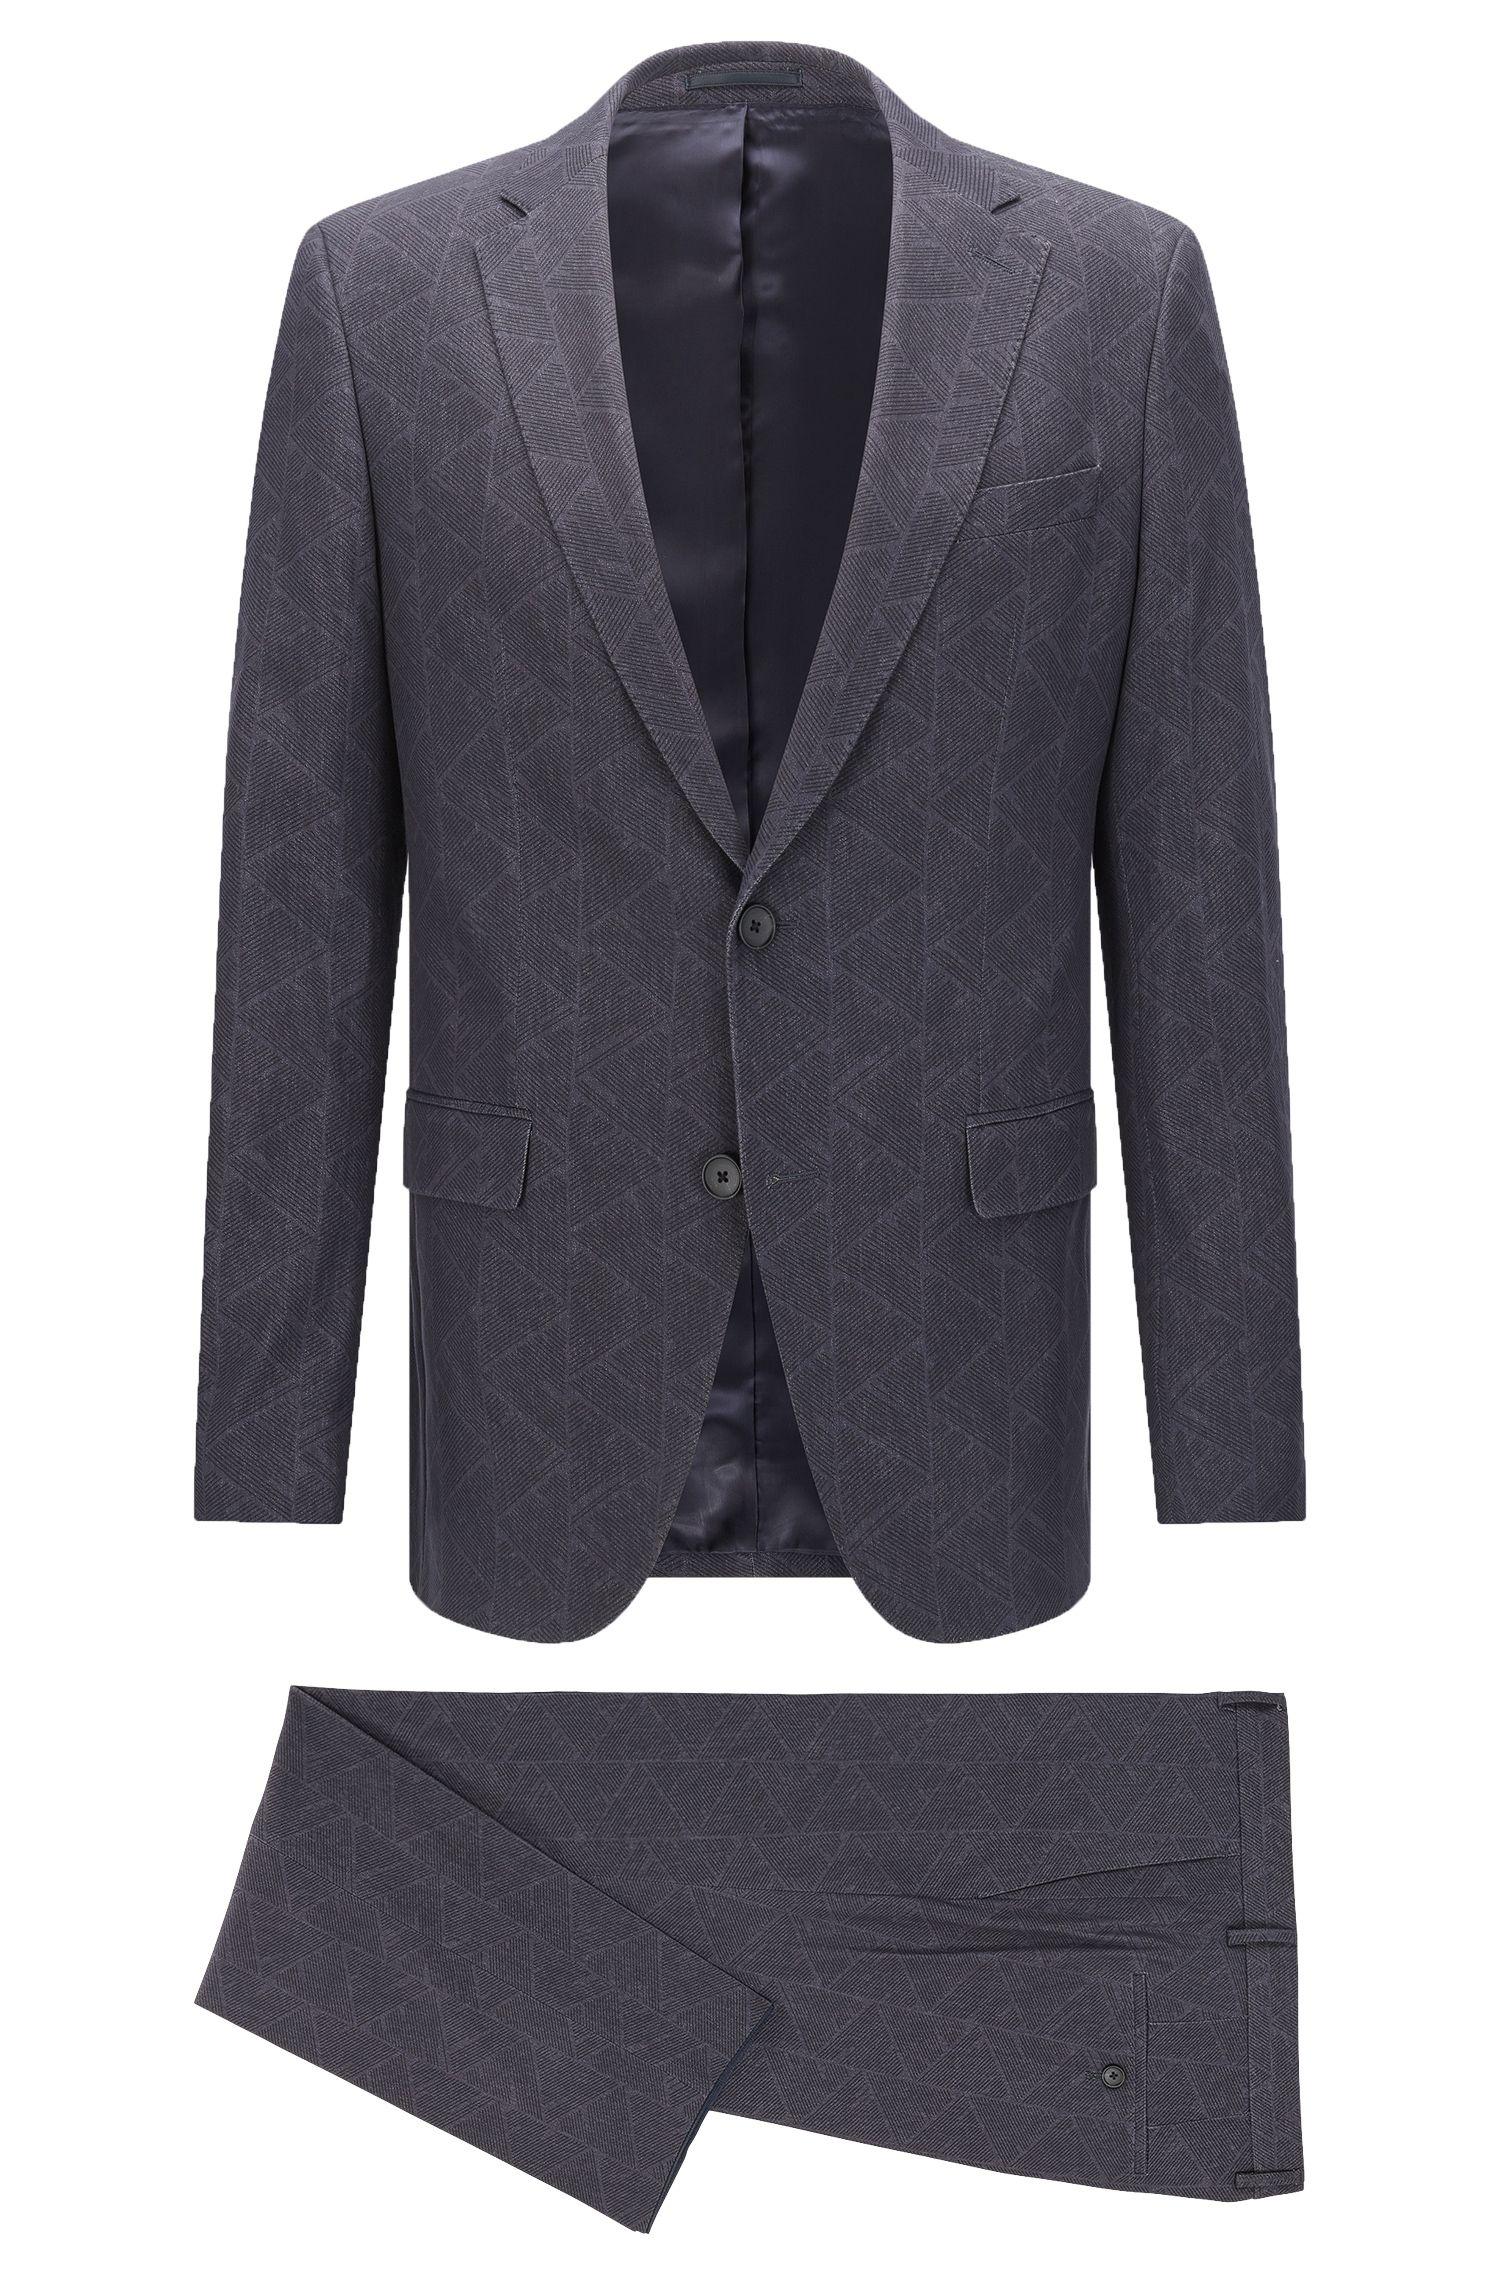 'Novan/Ben' | Slim Fit, Stretch Cotton Printed Suit